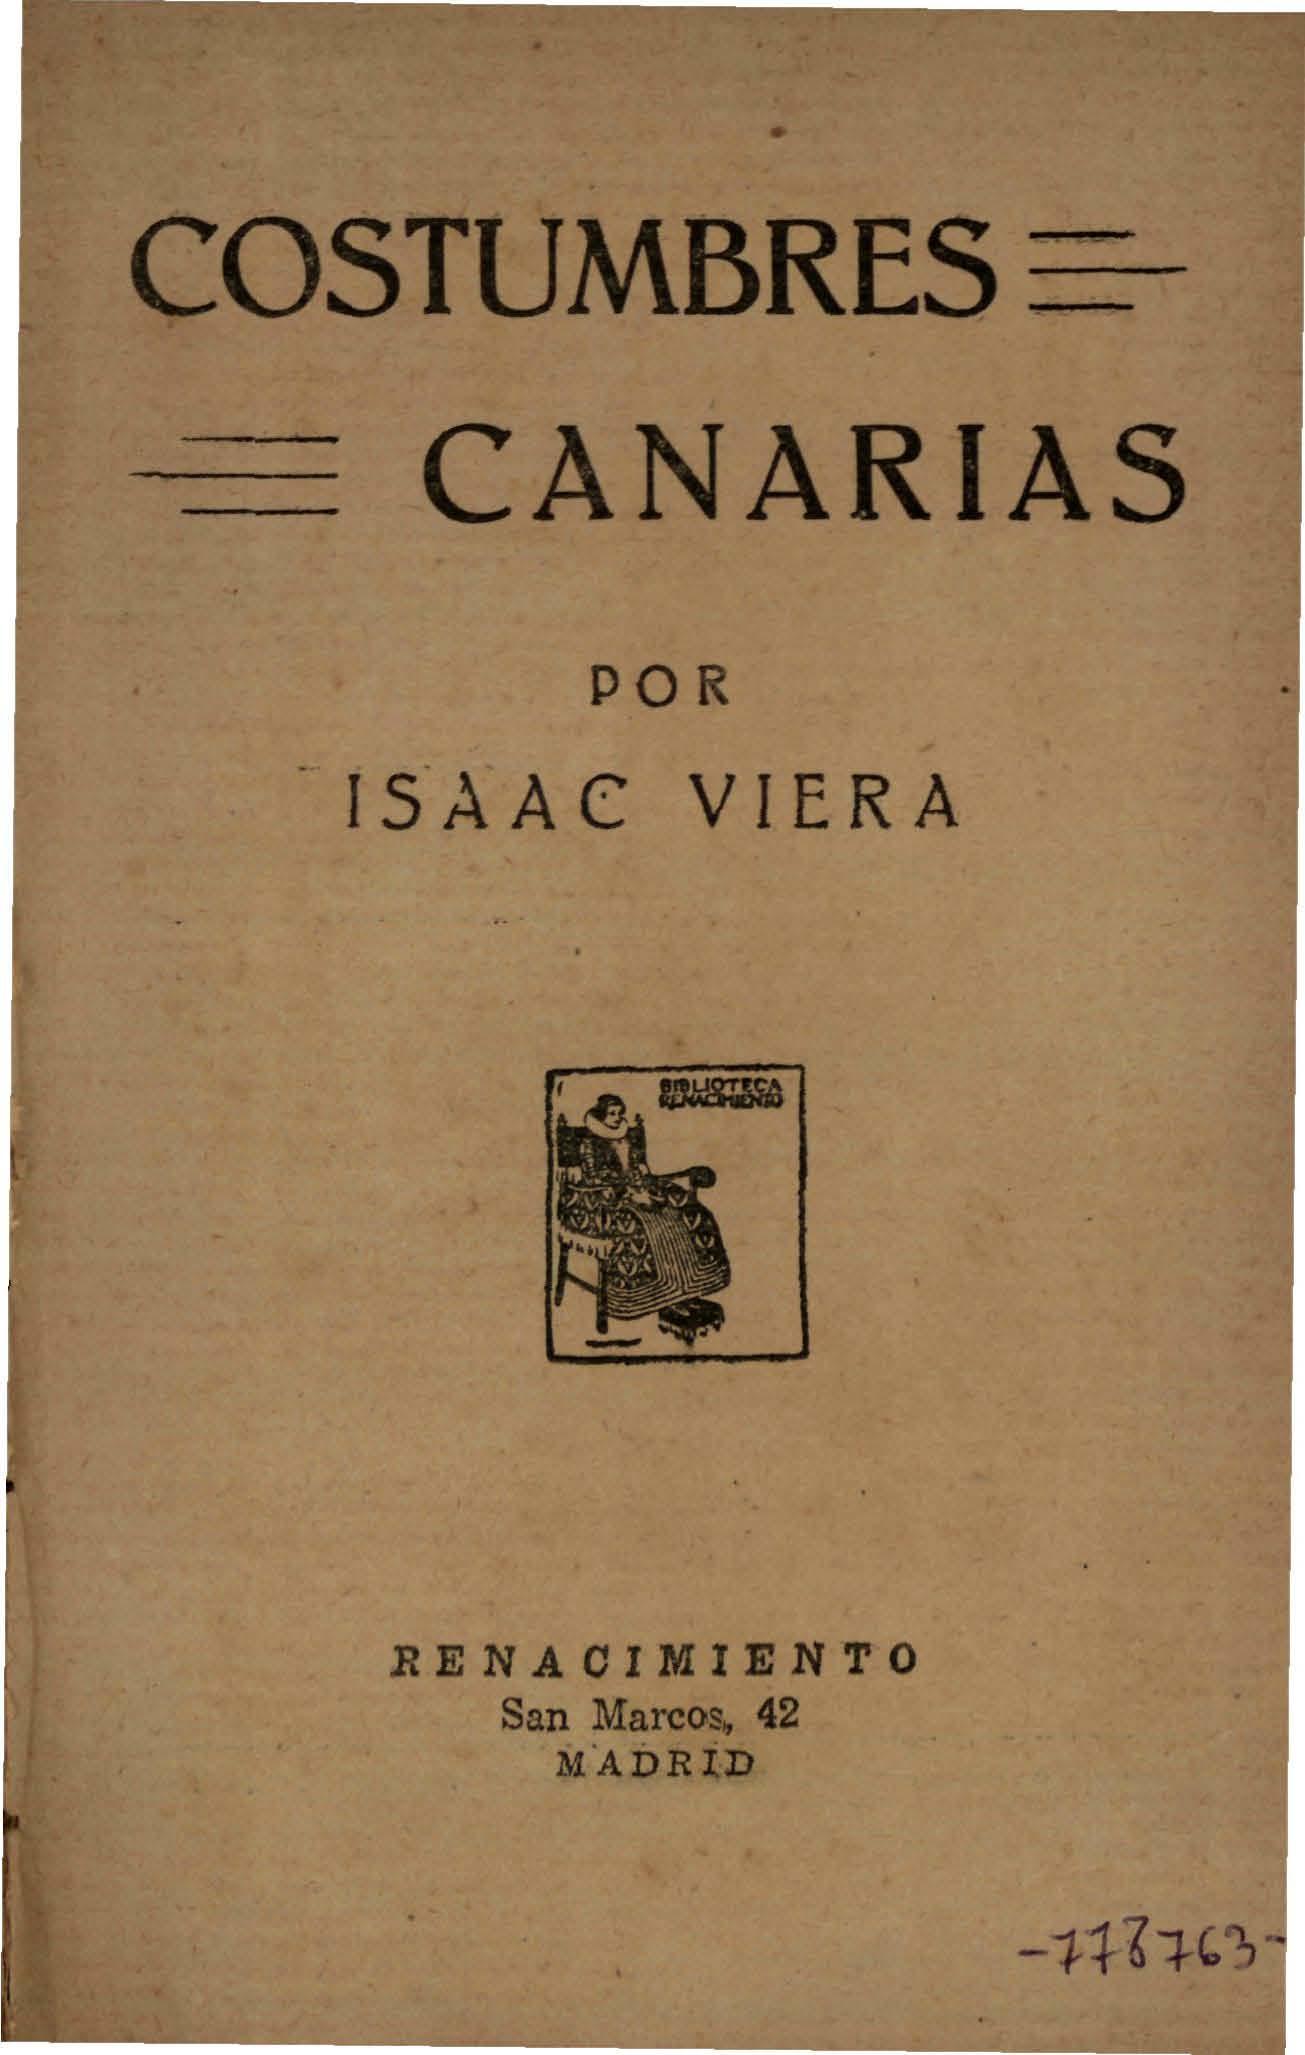 Costumbres Canarias